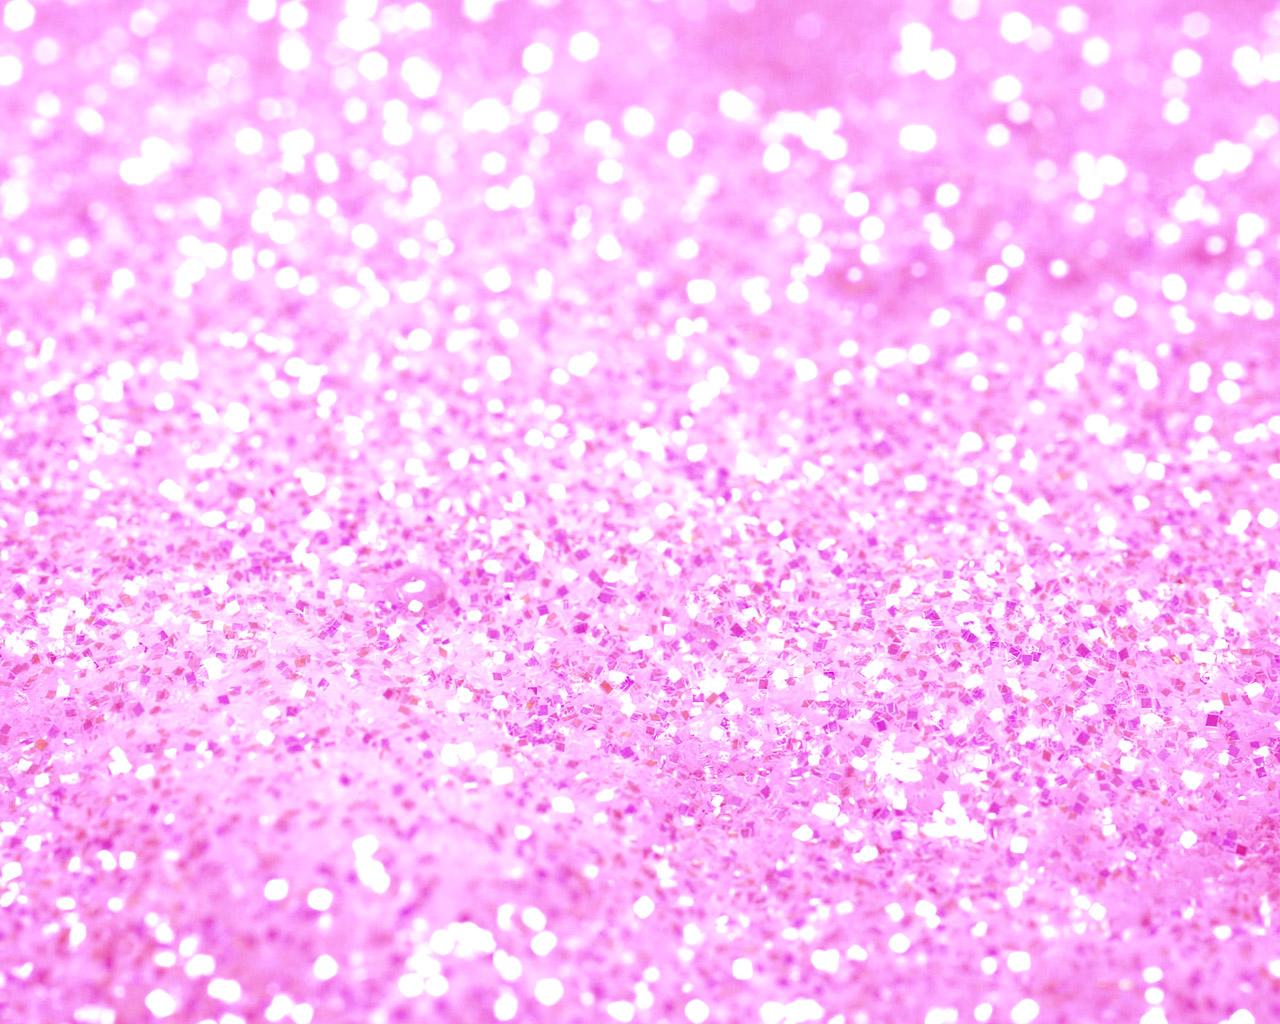 Glitter Backgrounds For Tumblr Girls 1280x1024